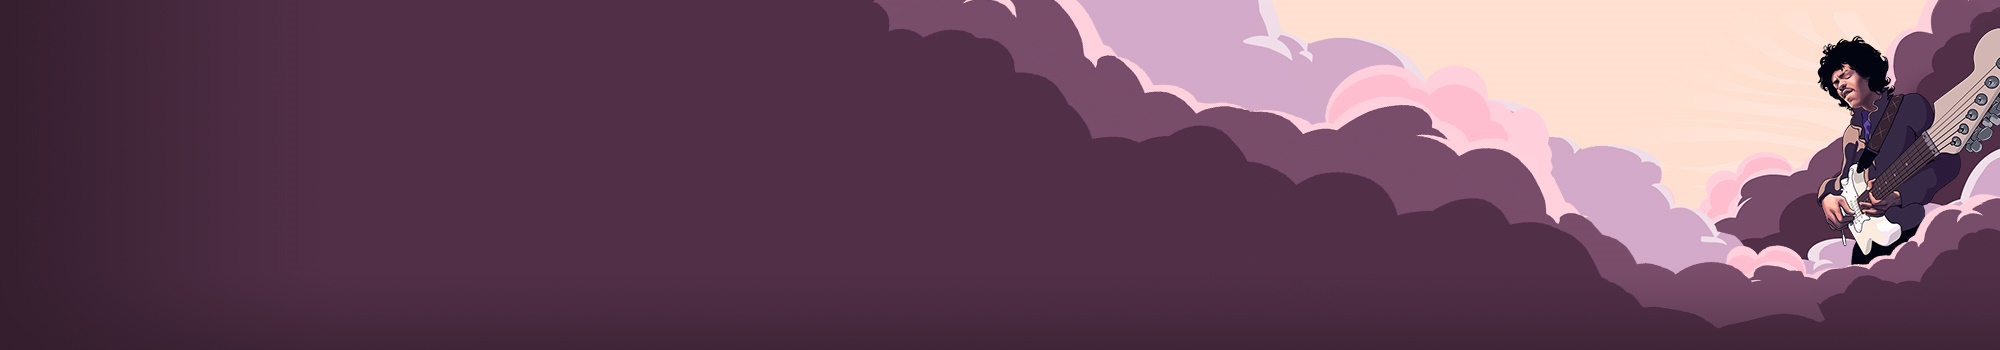 RockHeavenNovember2019 Desktop